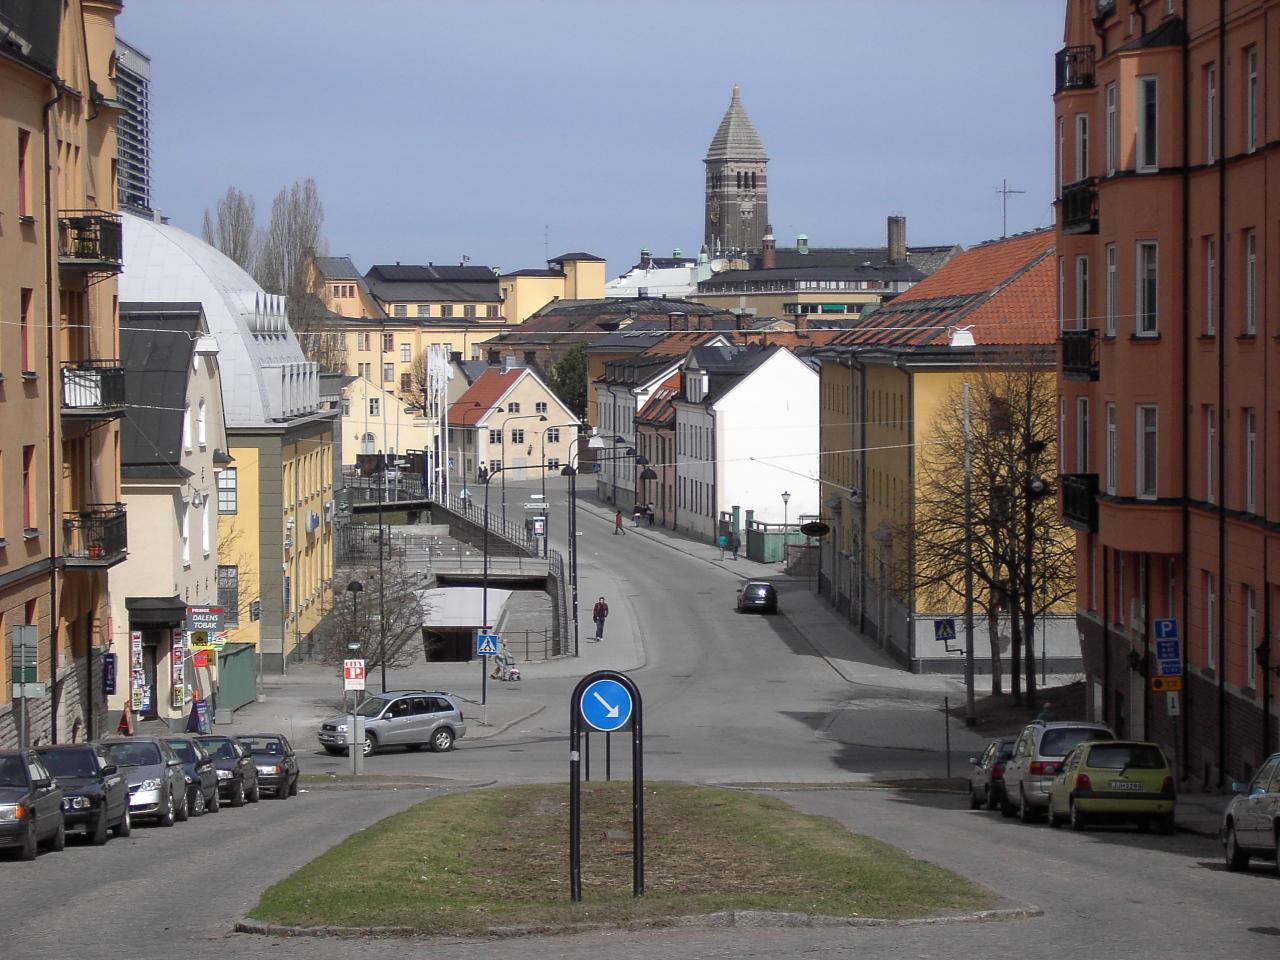 nörrköping